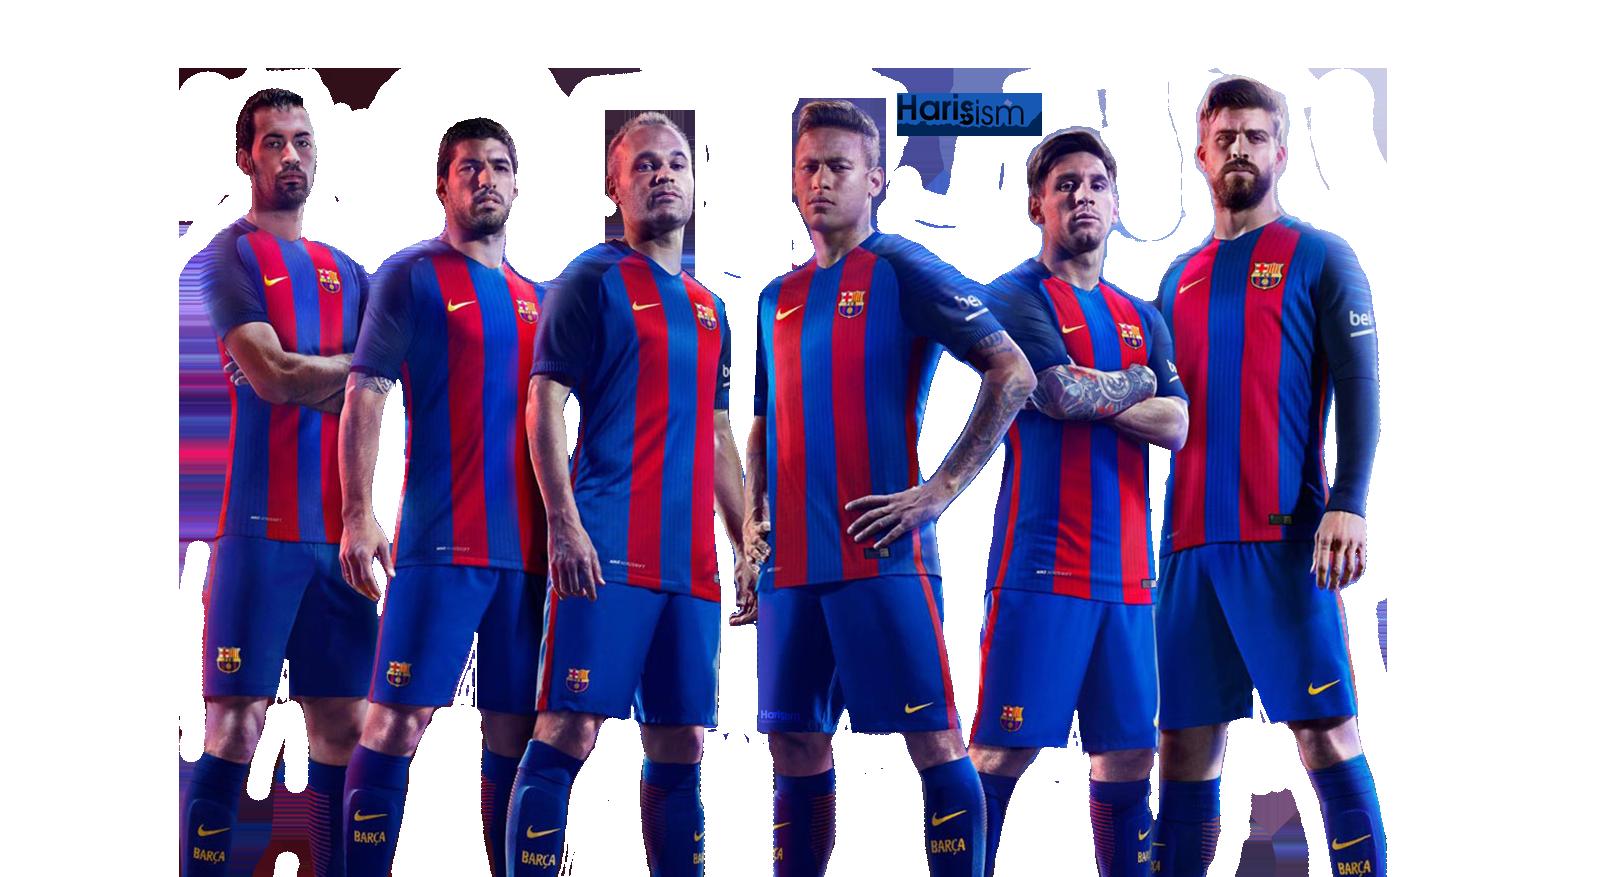 Fc barcelona 2016 17 render png by hitman26 on deviantart - Render barcelona ...